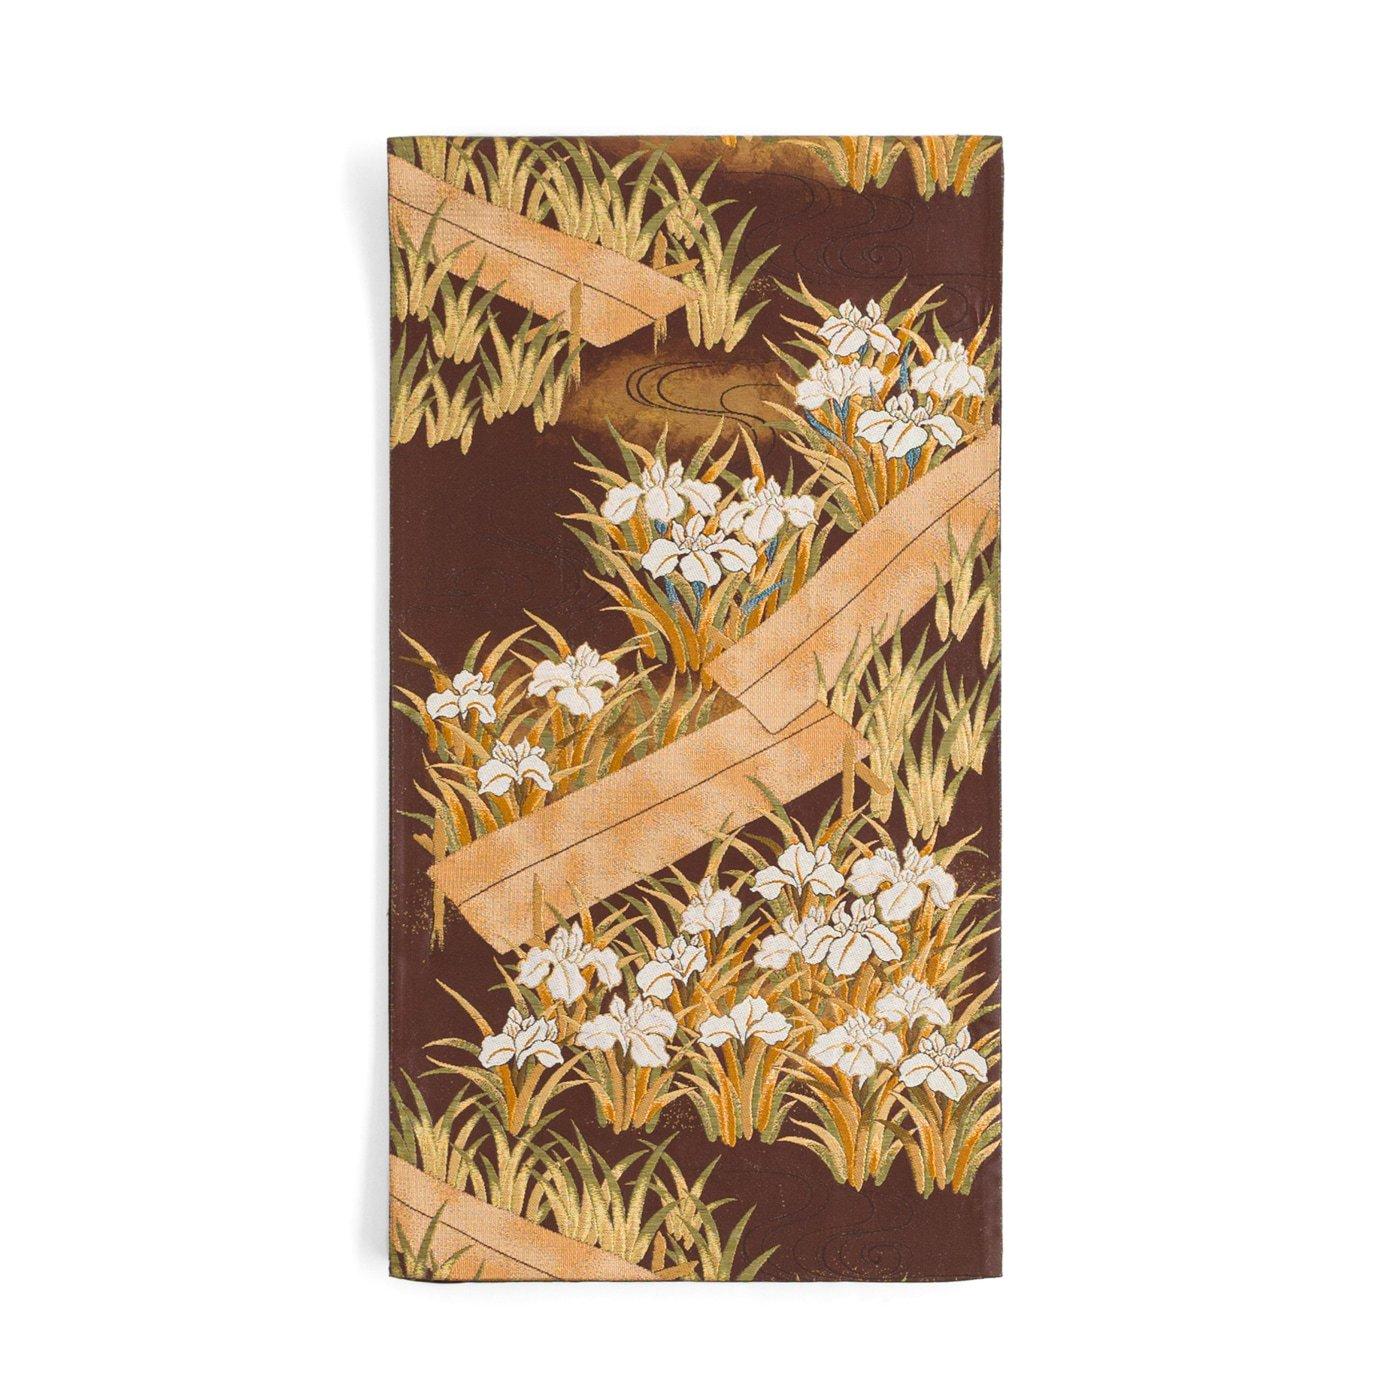 「袋帯●杜若と木道」の商品画像